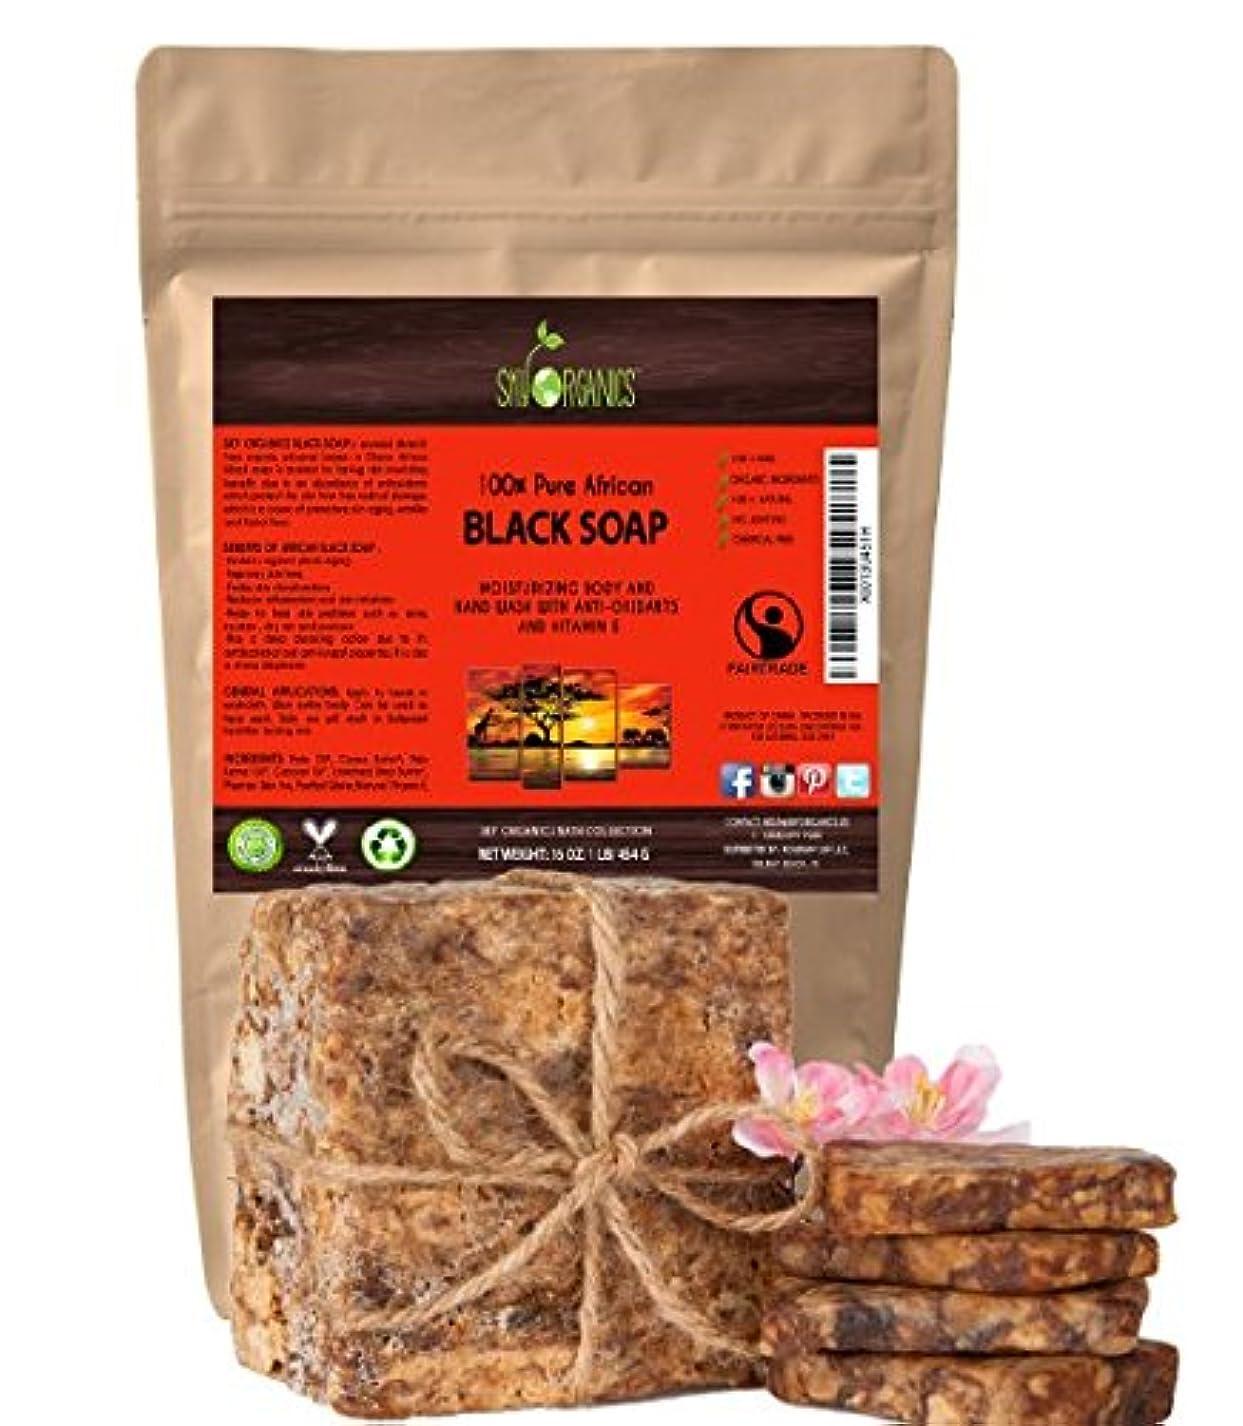 待つ魅惑するママ切って使う オーガニック アフリカン ブラックソープ (約4563gブロック)Organic African Black Soap (16oz block) - Raw Organic Soap Ideal for Acne...